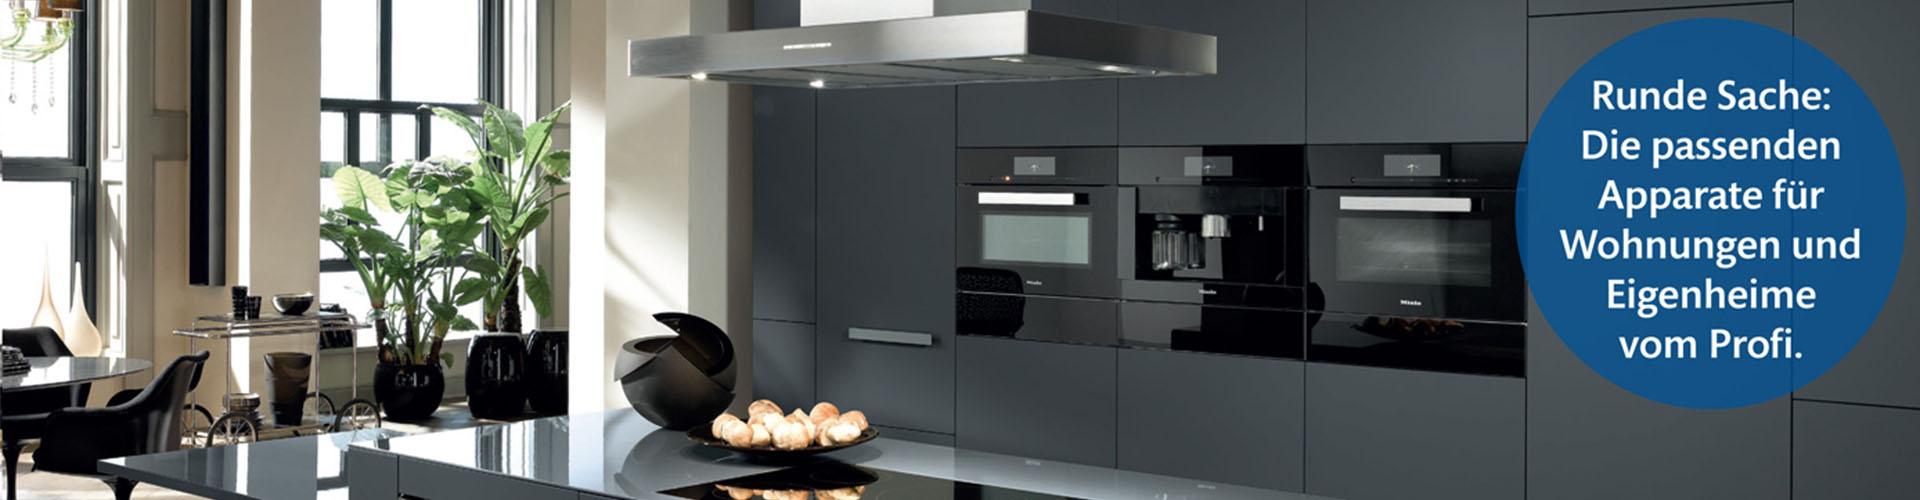 Ziemlich Kleine Wohnung Küchengeräte Bilder - Küchenschrank Ideen ...